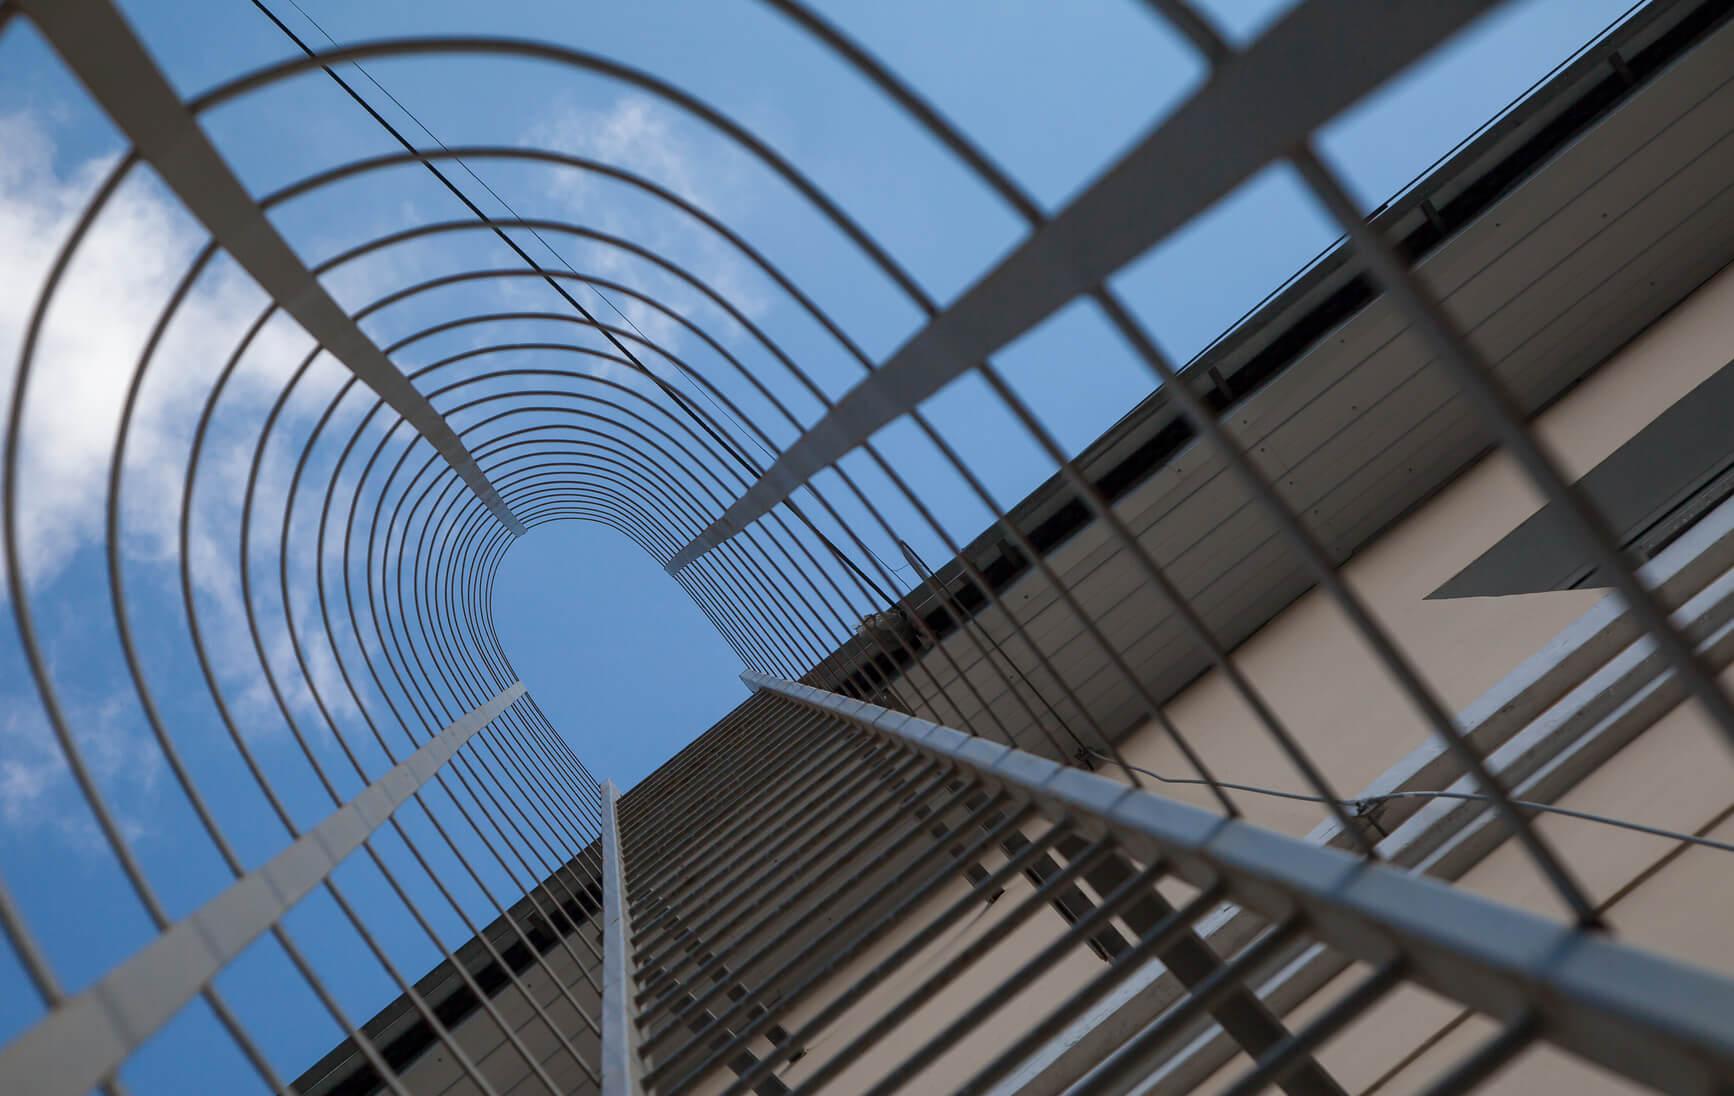 Jak najbezpieczniej dostać się na dach wysokiego budynku?